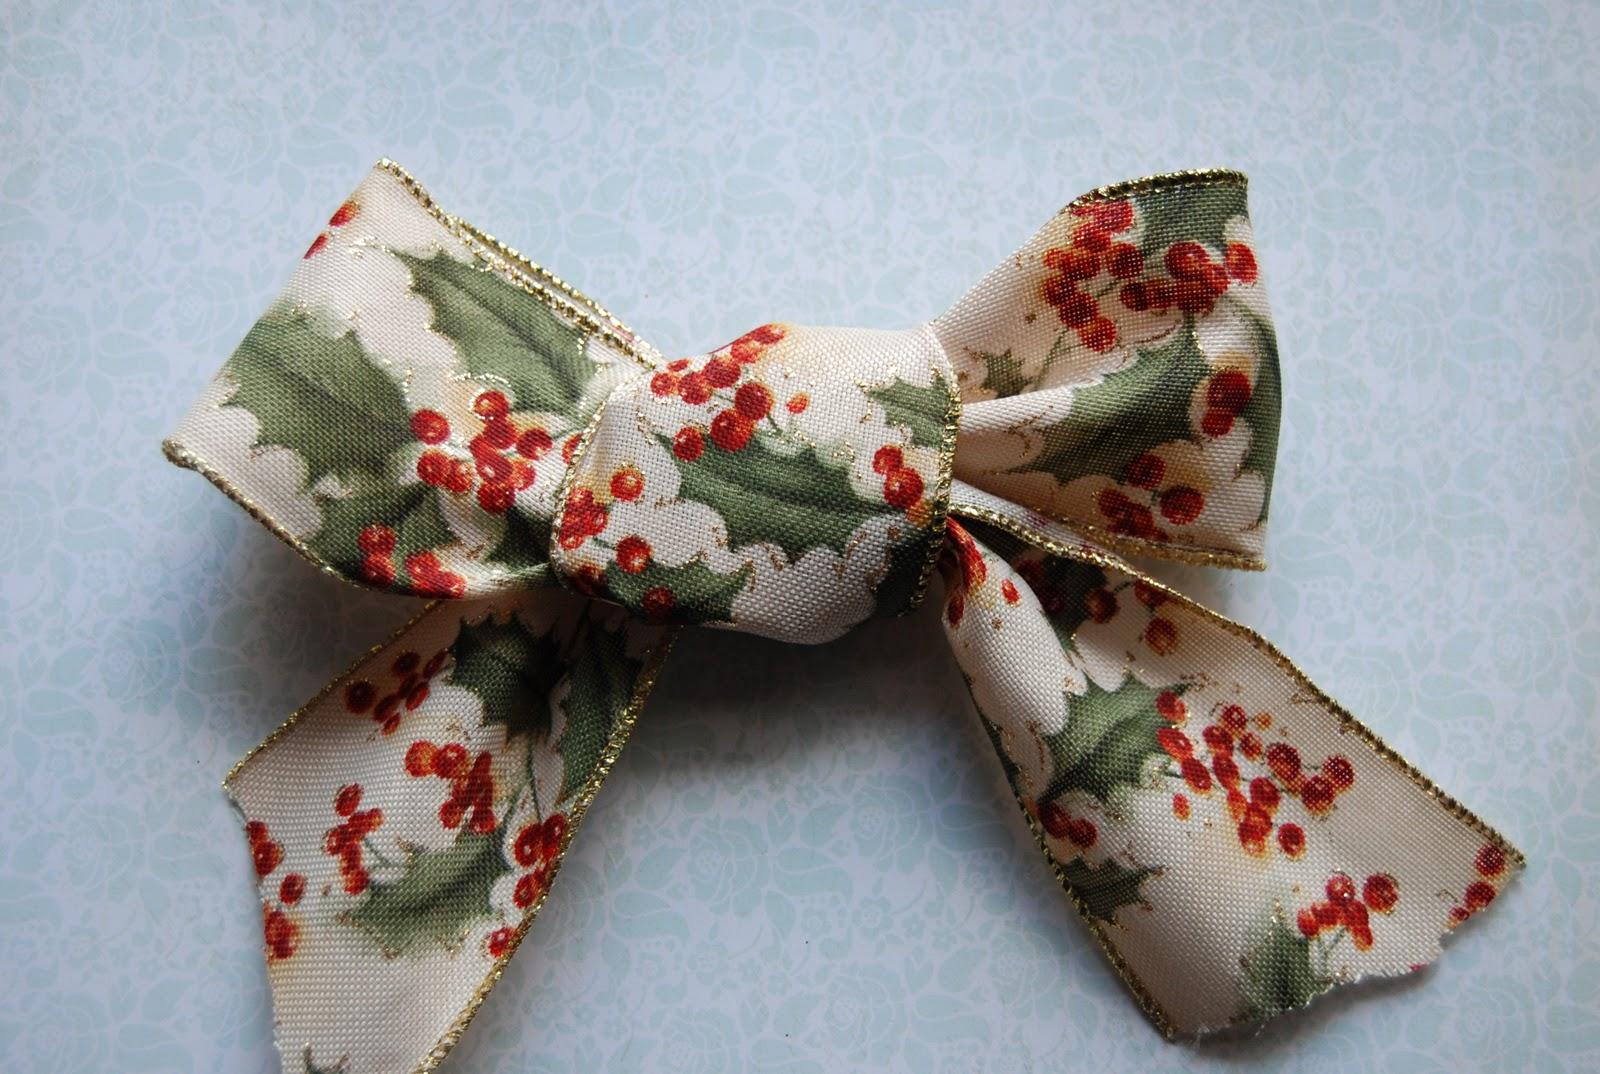 Delipapel lazos anchos para decorar el rbol coronas de - Lazos arbol navidad ...